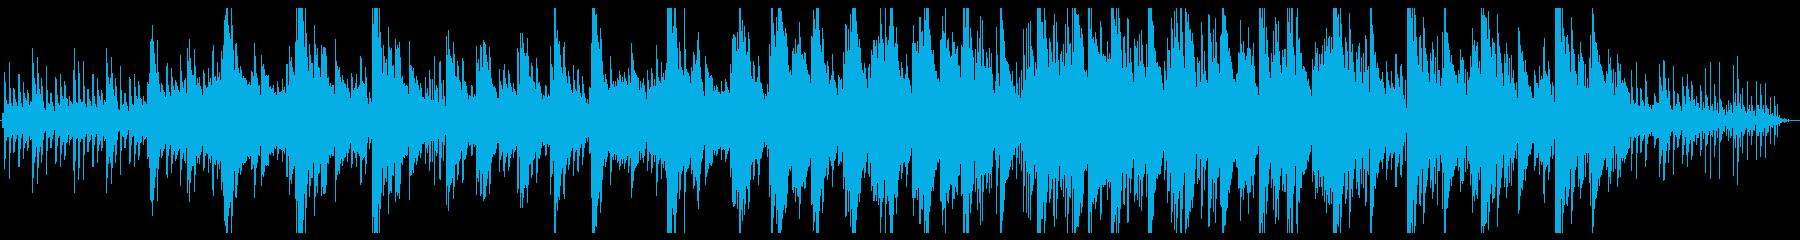 現代的 交響曲 ほのぼの 幸せ ド...の再生済みの波形